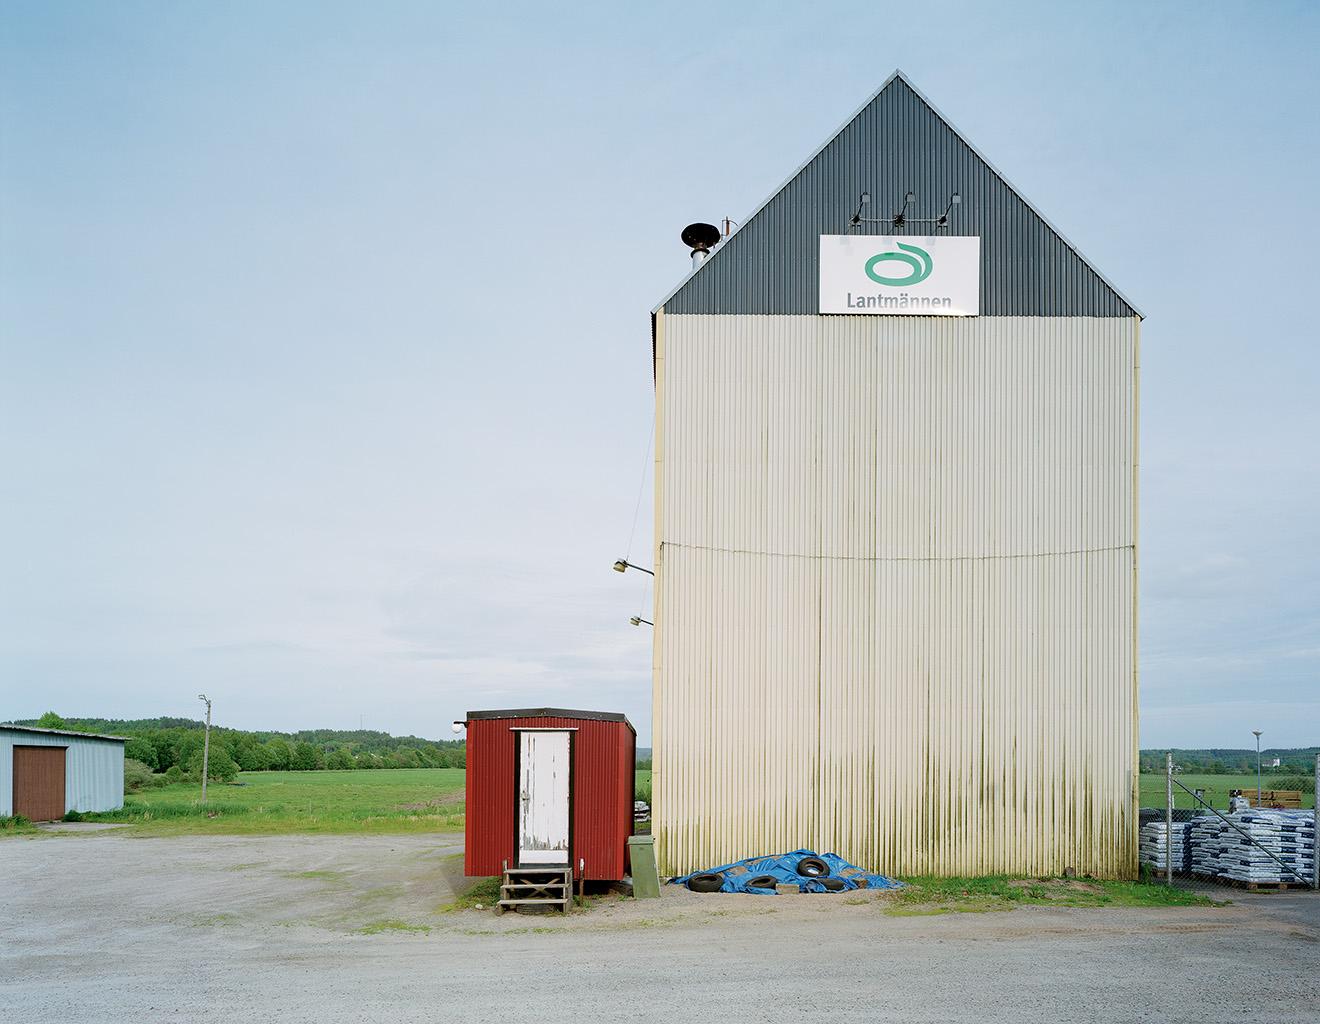 Horred, 7 June 2006